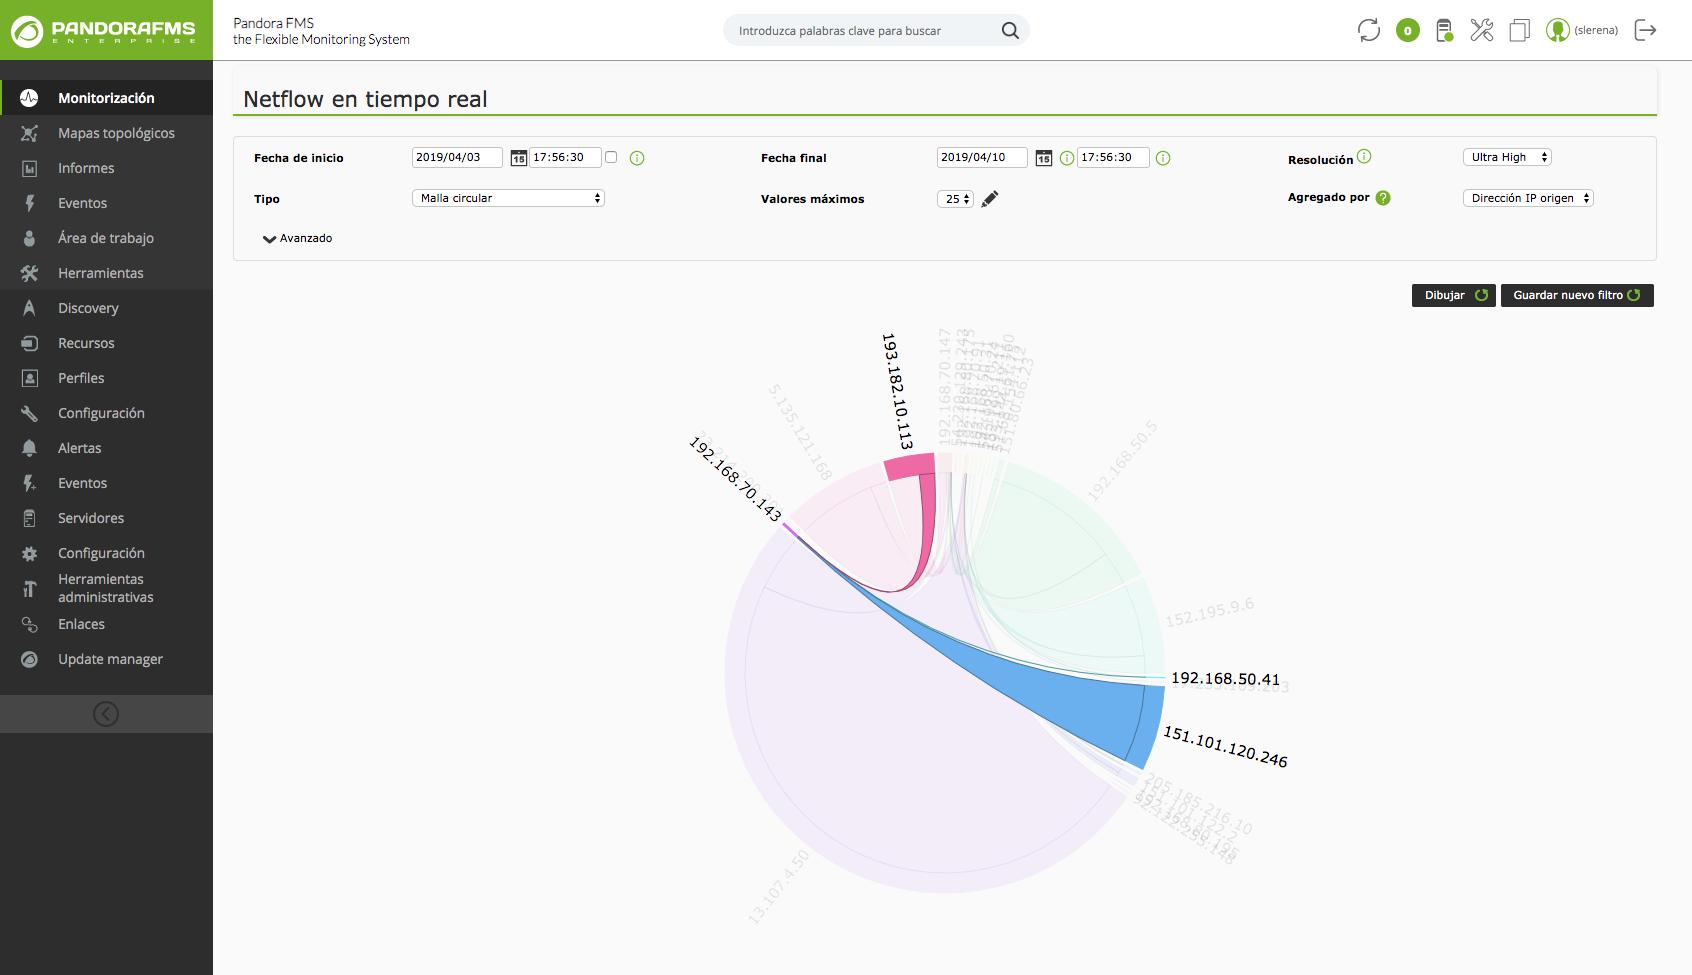 Pandora FMS utiliza dos sistemas alternativos y complementarios para analizar la red en tiempo real: Pandora NTA y Netflow